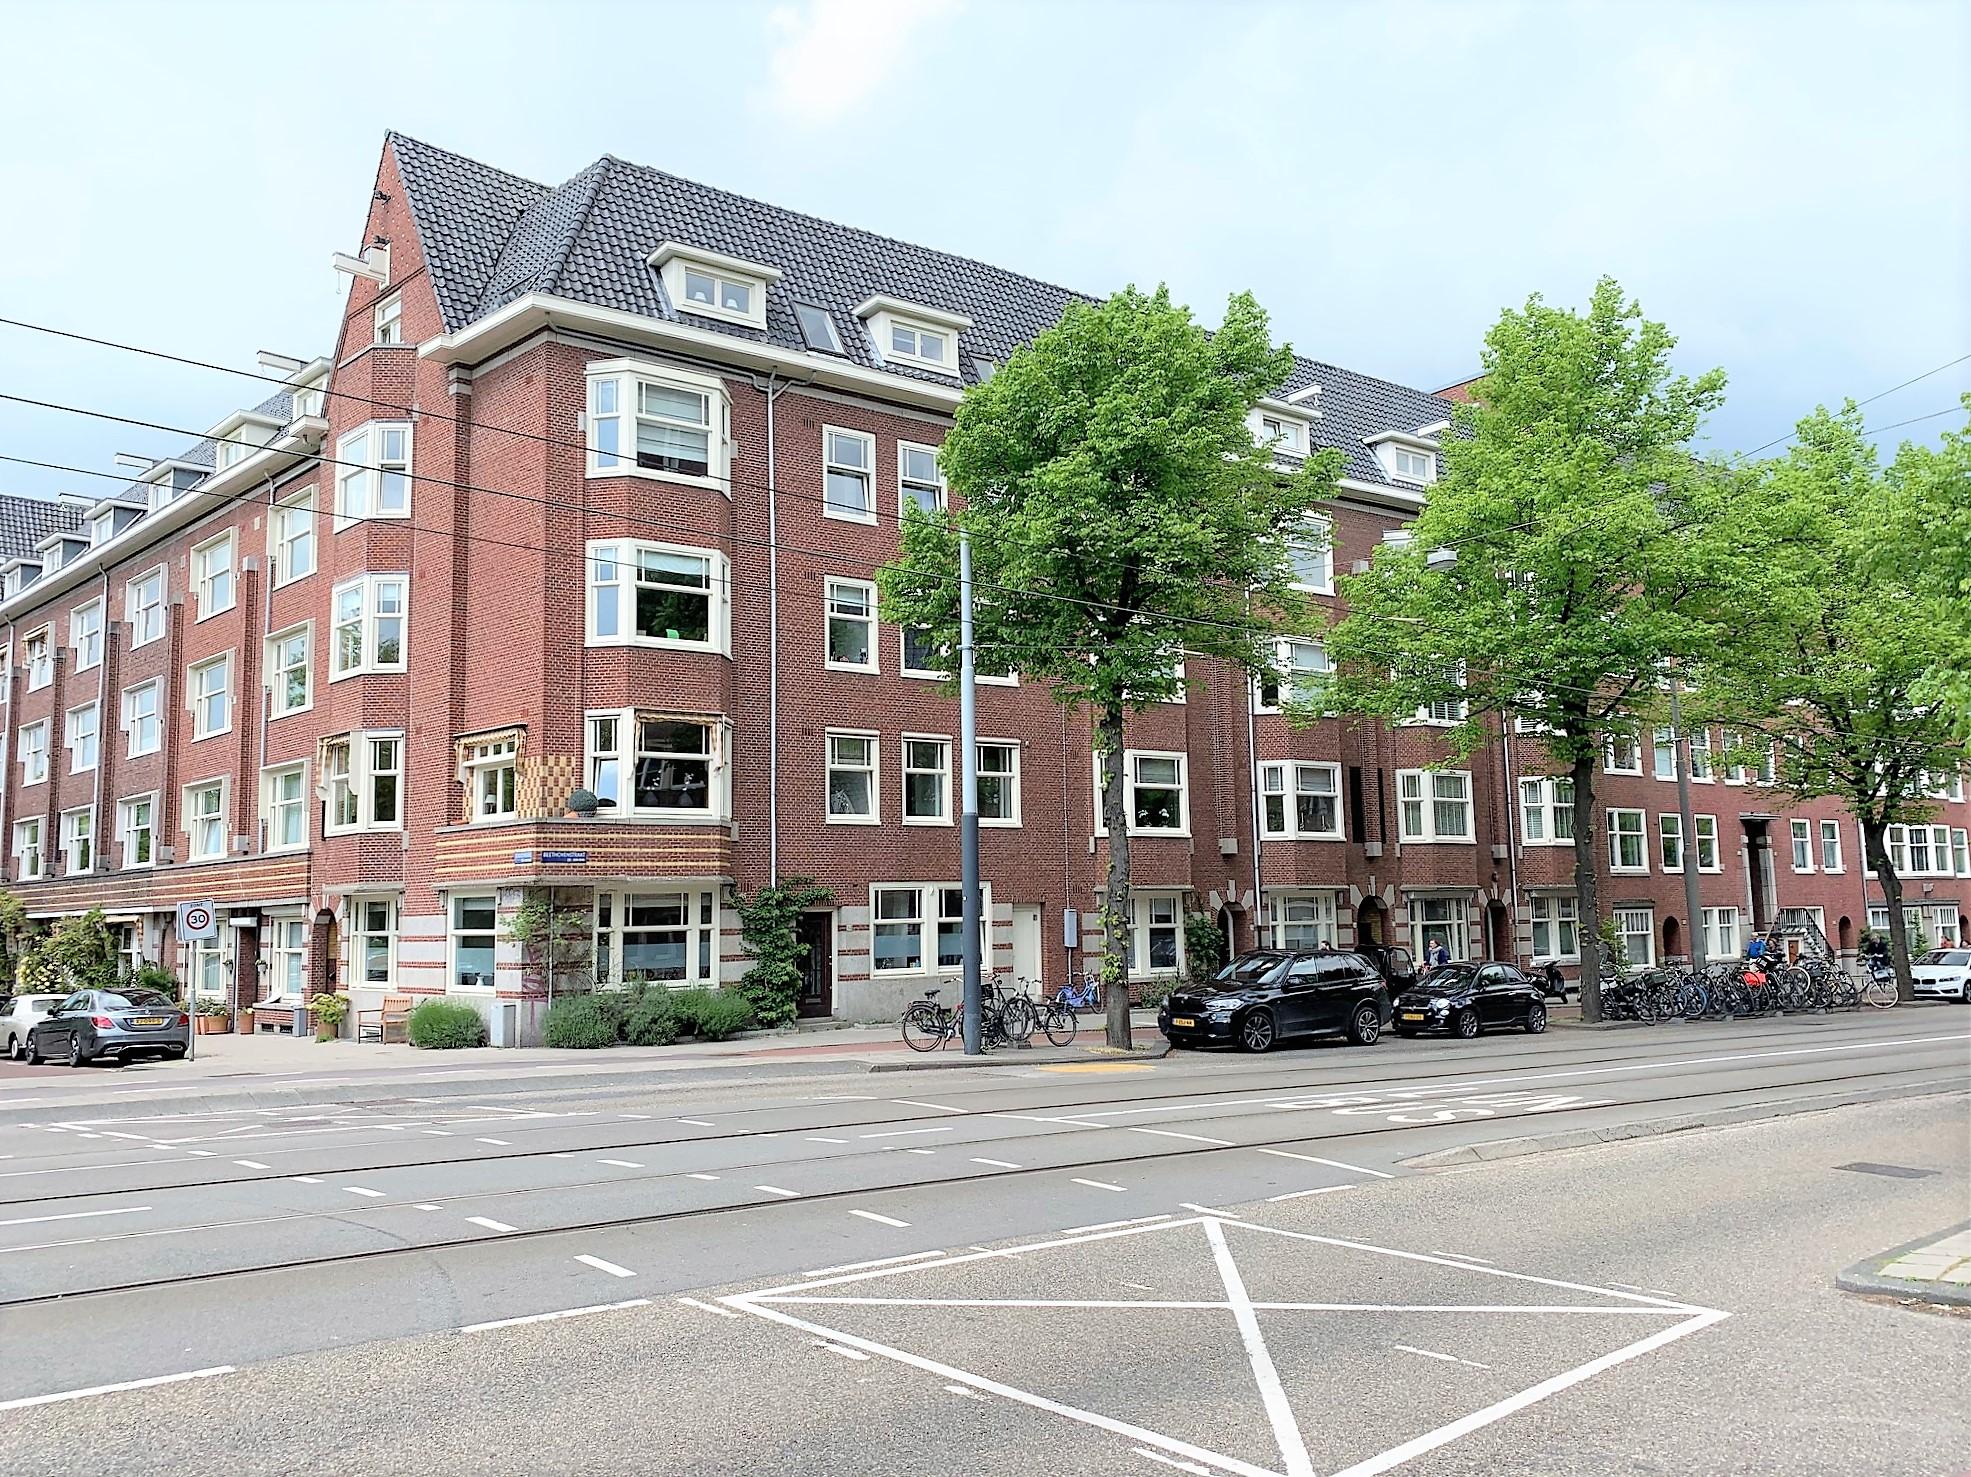 Beethovenstraat, Amsterdam